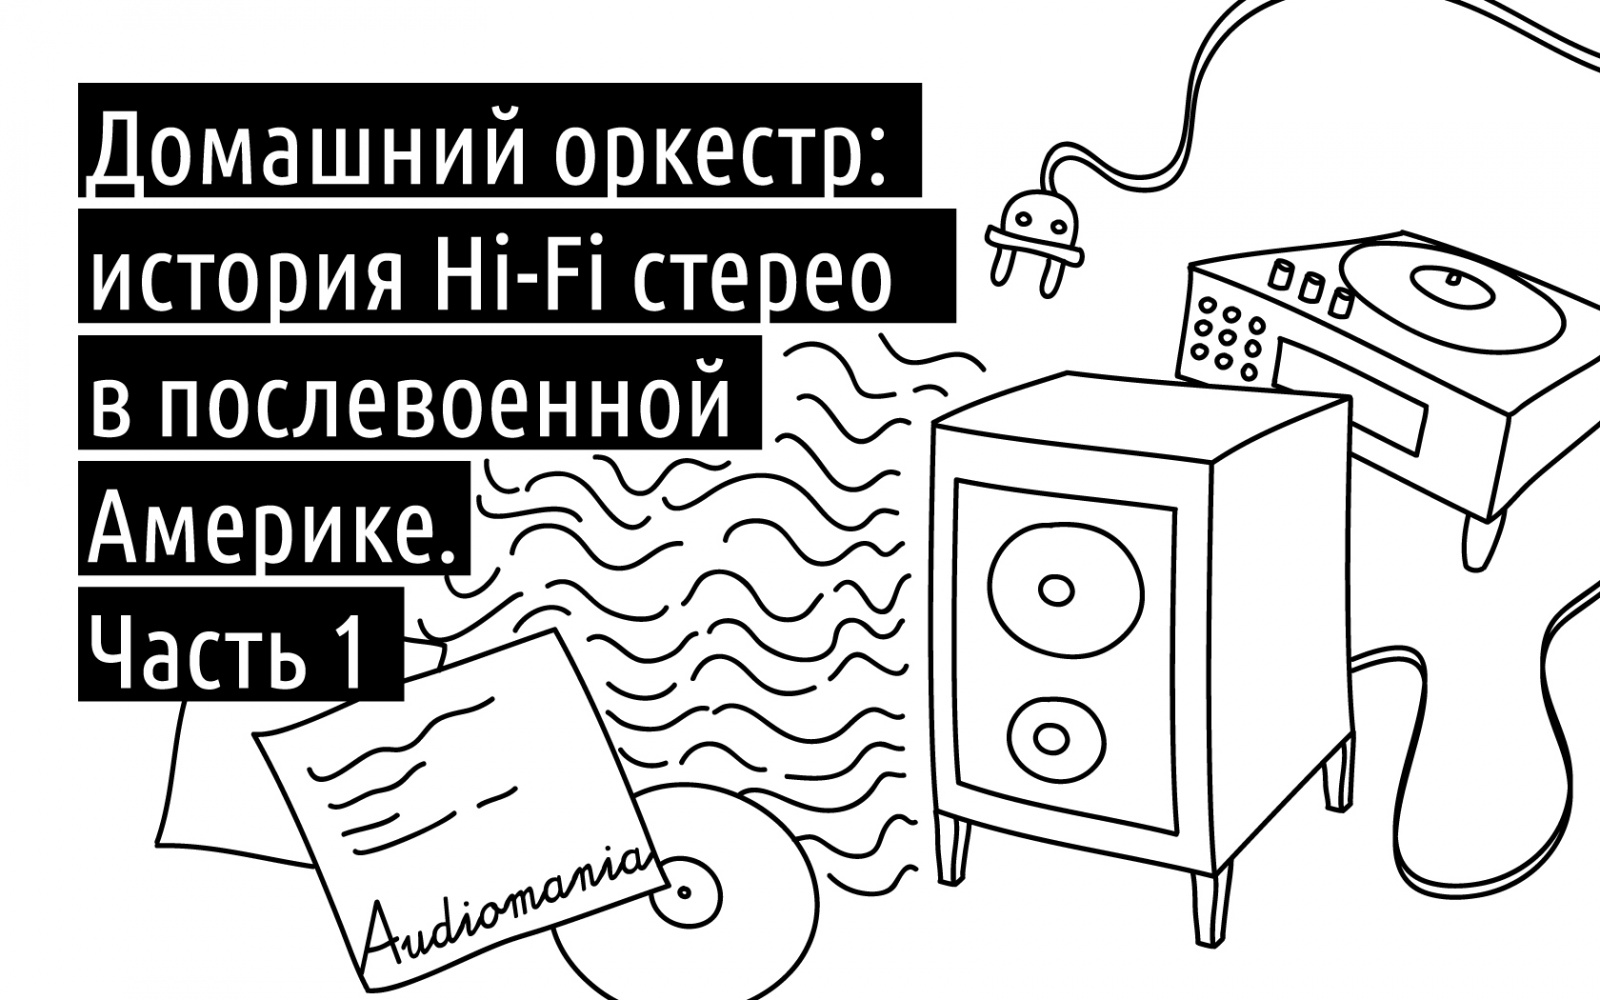 Домашний оркестр: история Hi-Fi стерео в послевоенной Америке. Часть 1 - 1